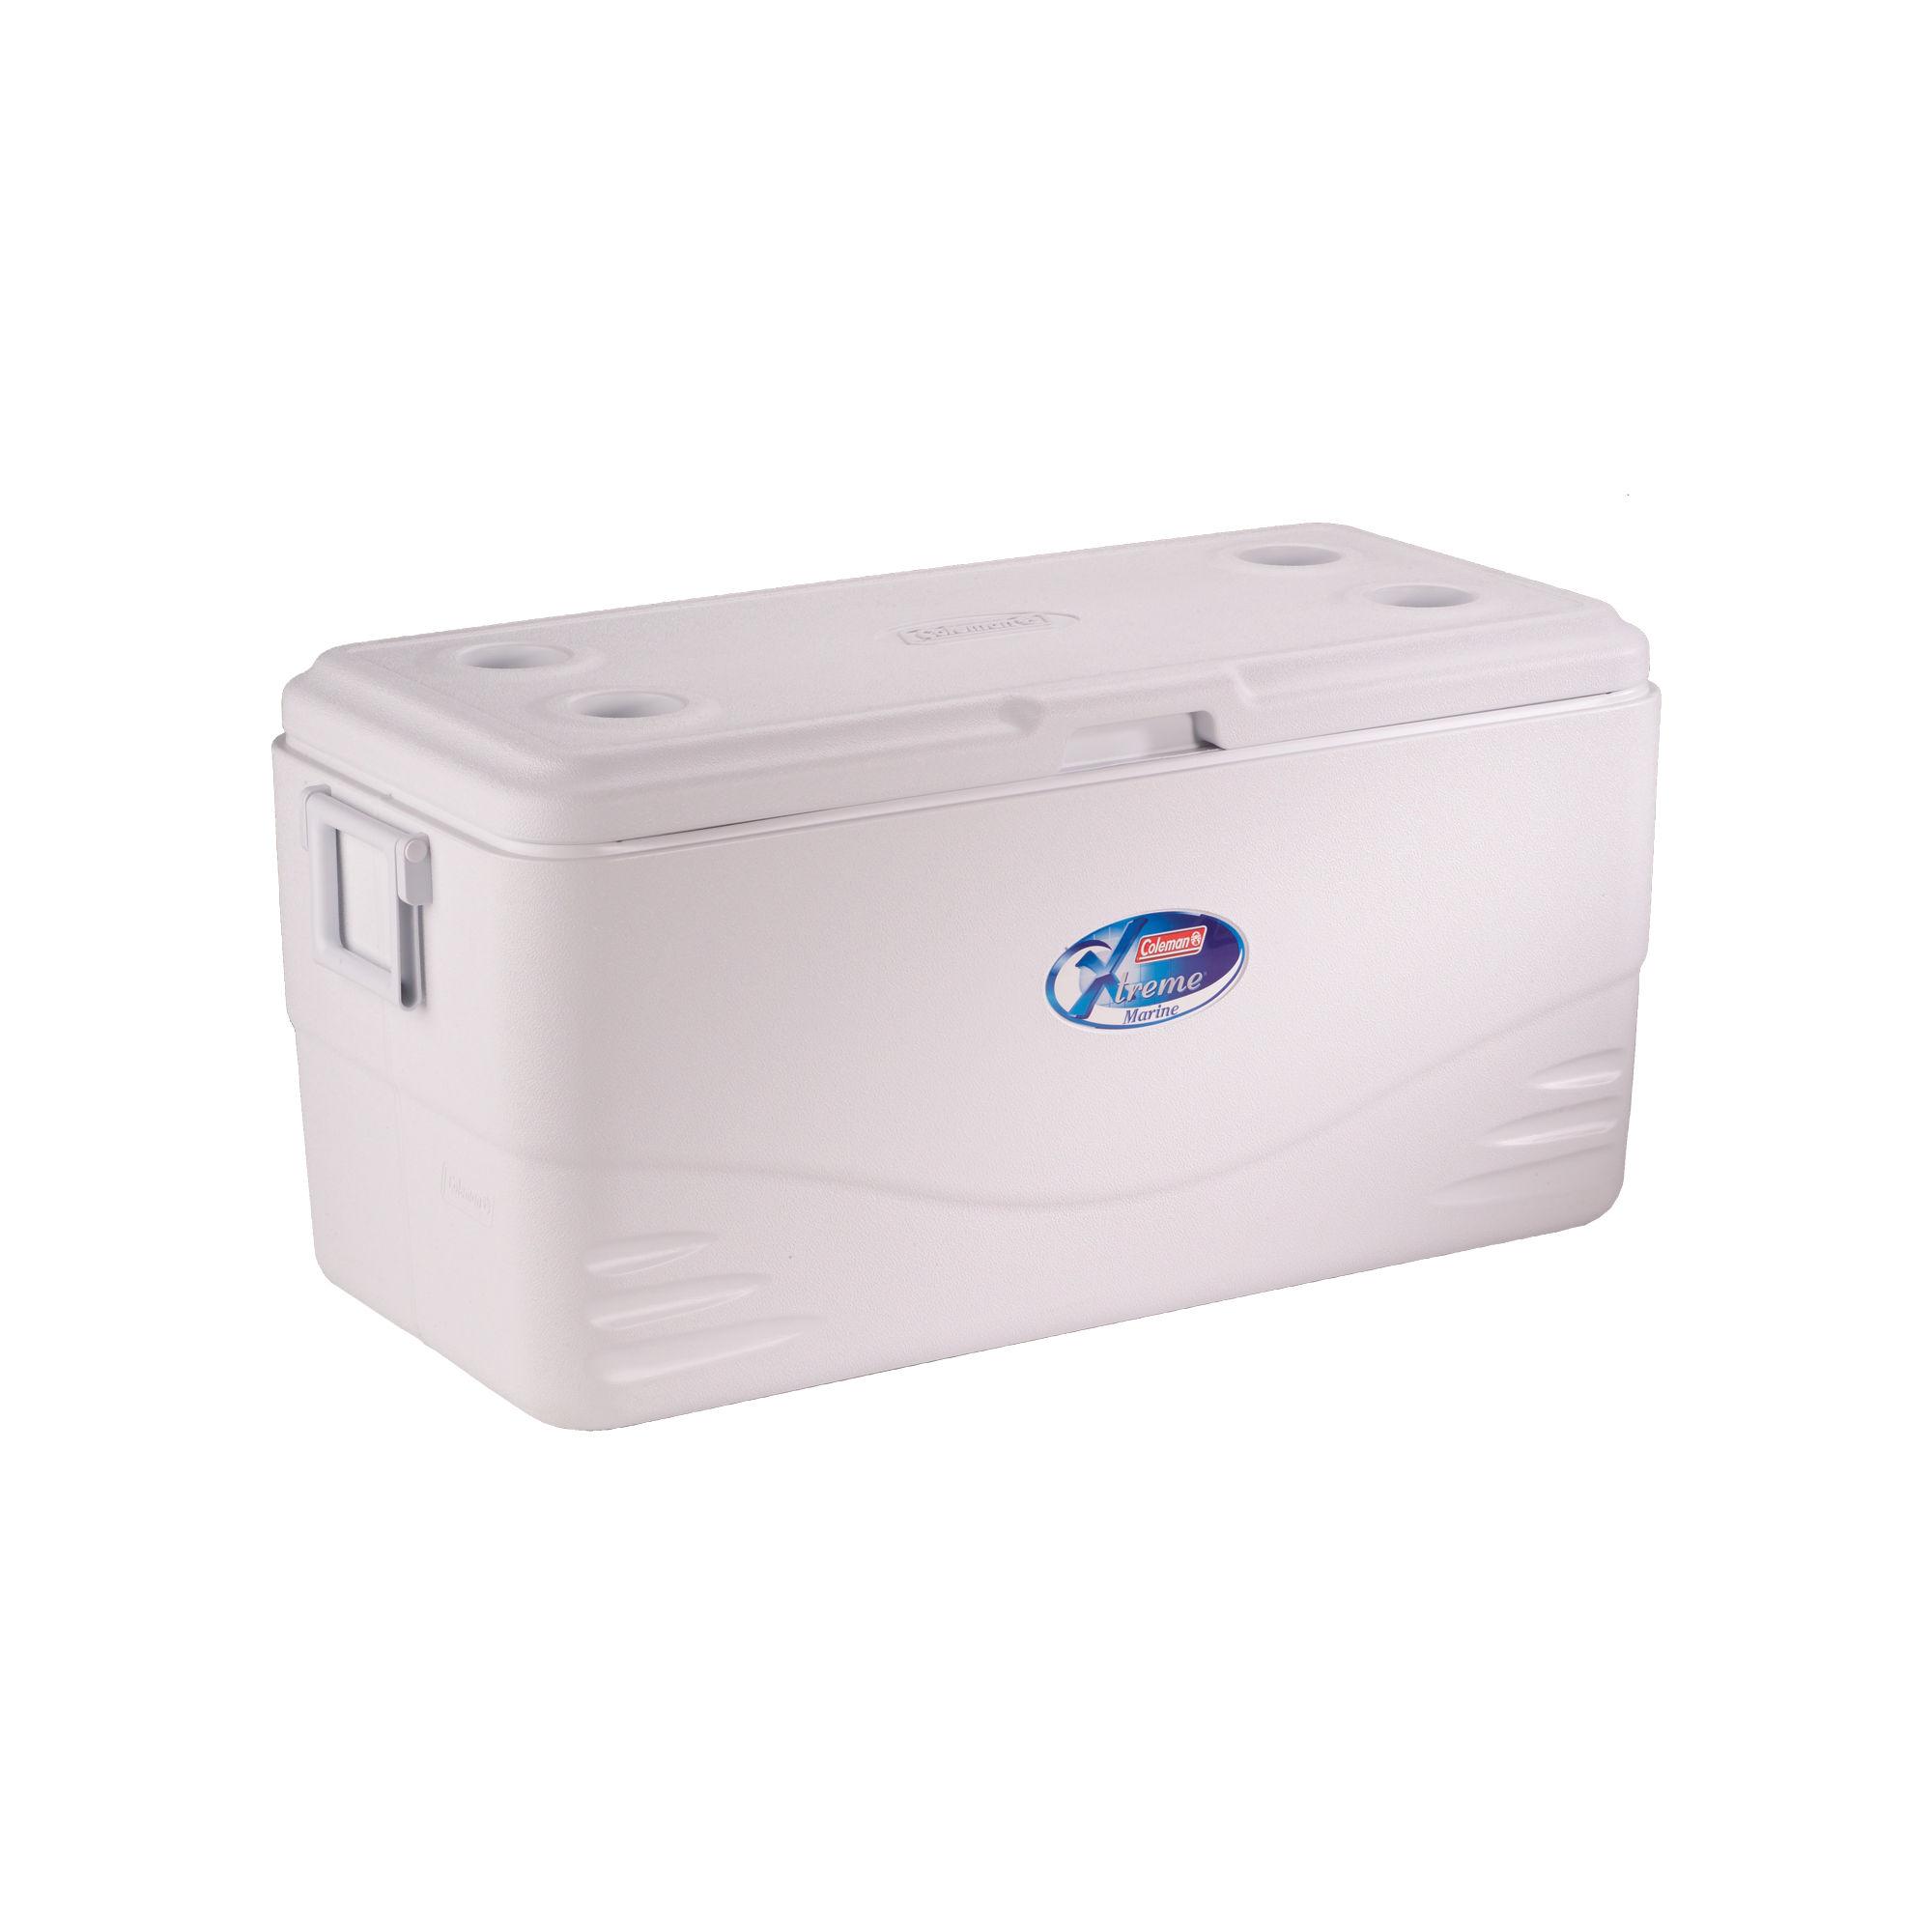 100QT Xtreme® Marine Cooler